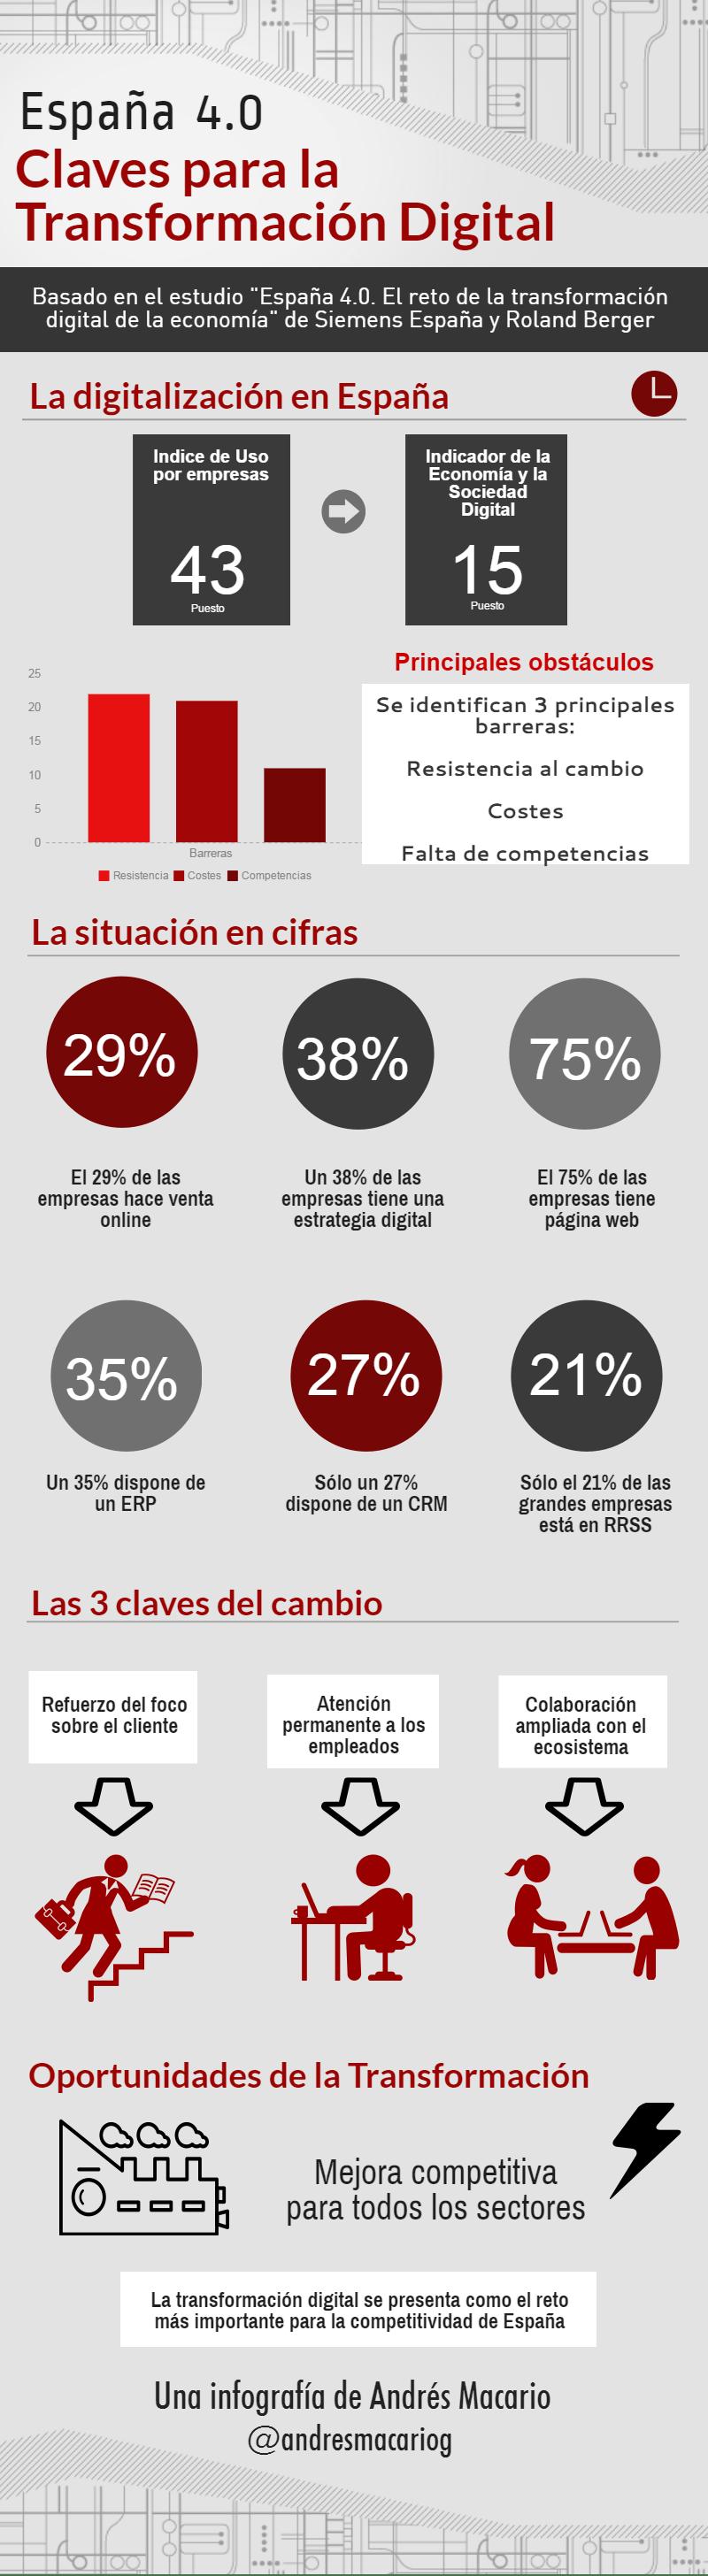 España 4.0: Claves para la Transformación Digital